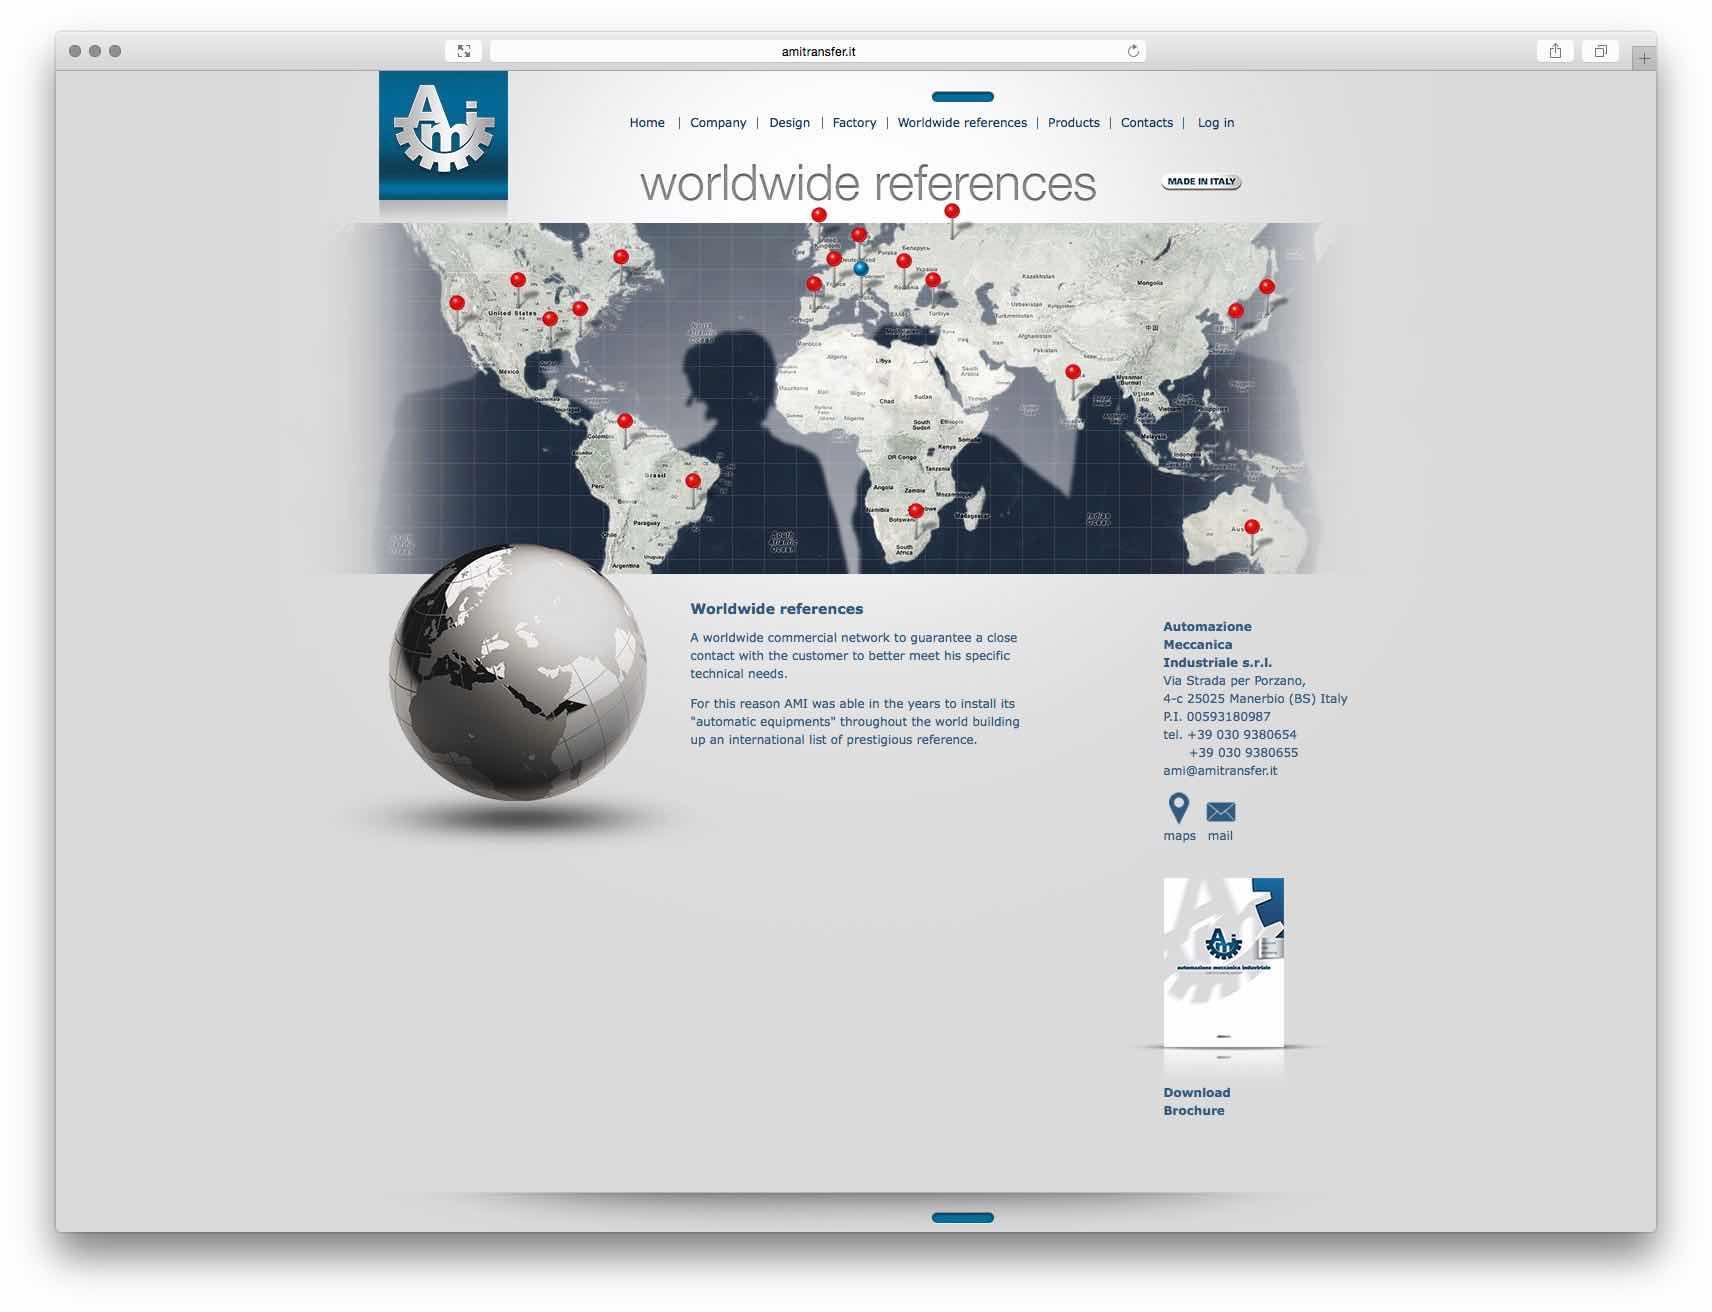 Creazione Siti Web Brescia - Sito Web A.M.I.